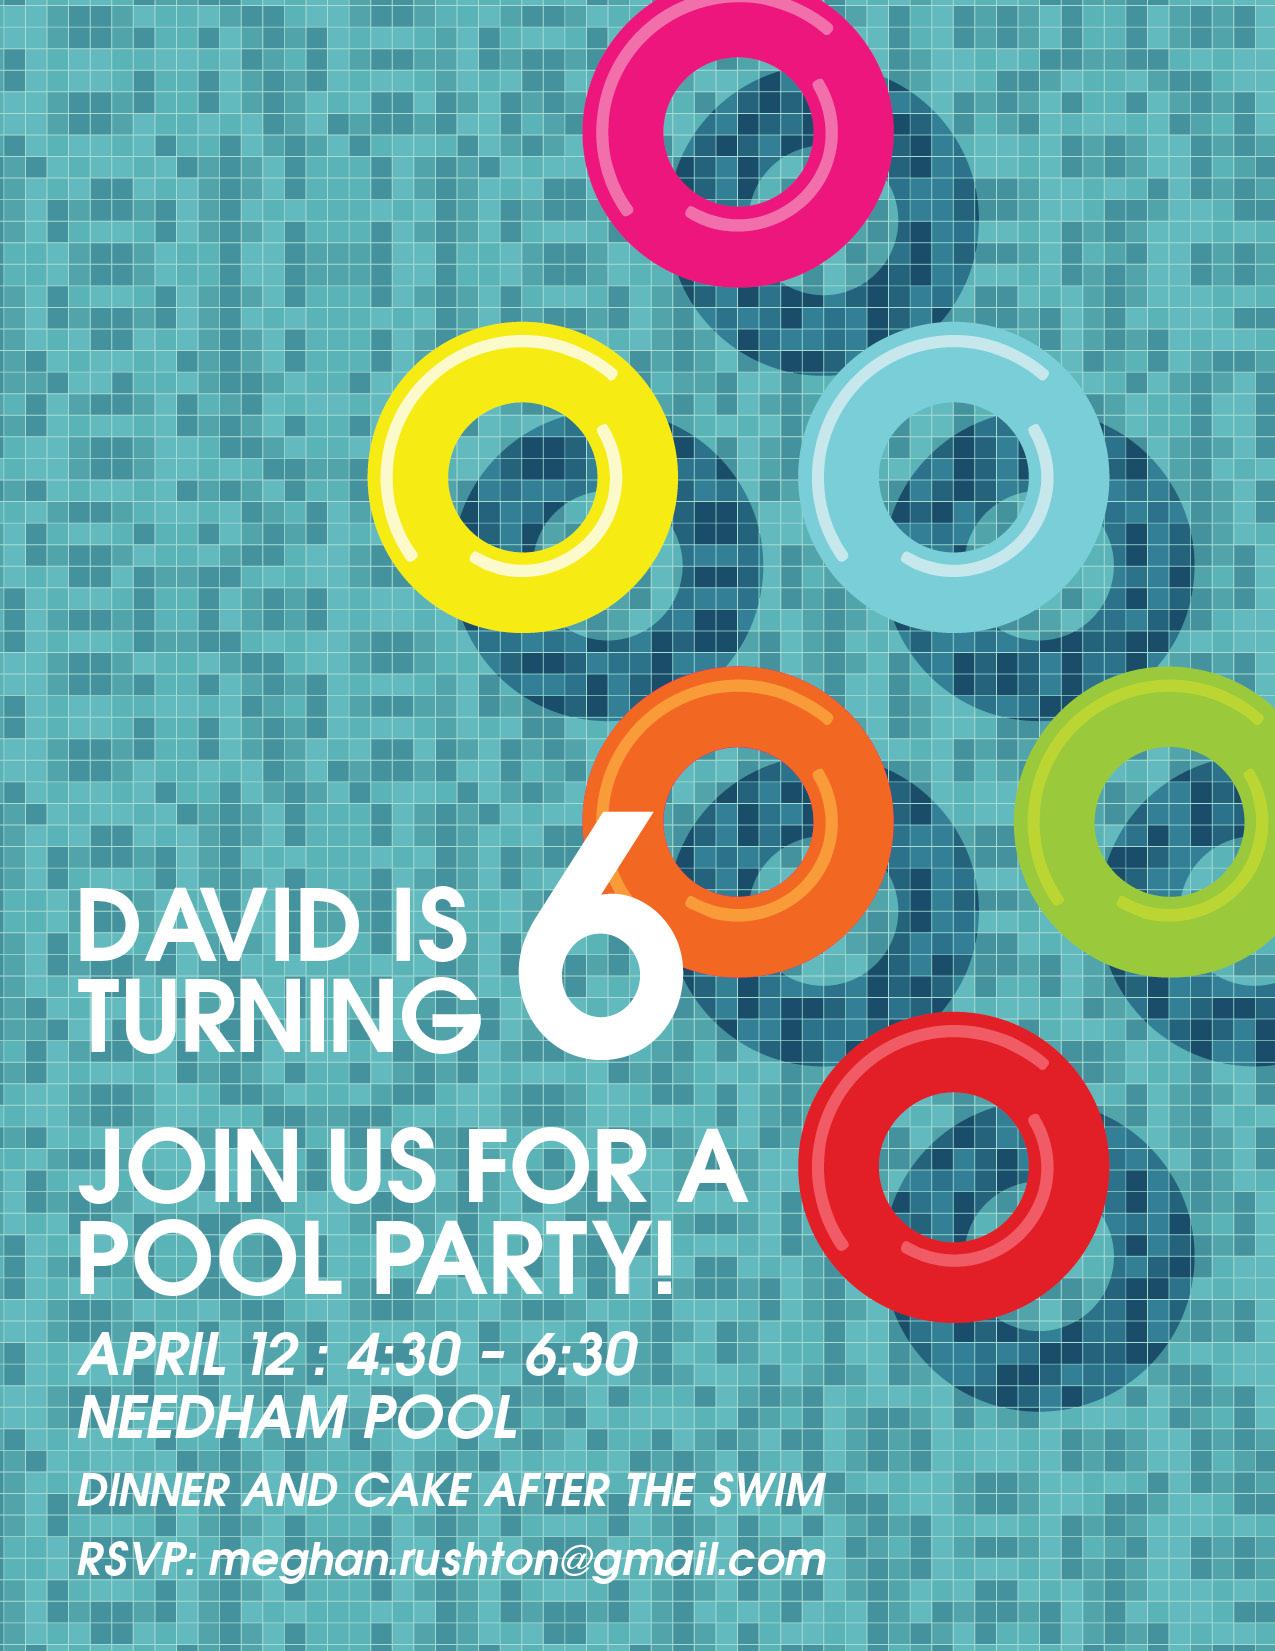 Davids-6.png